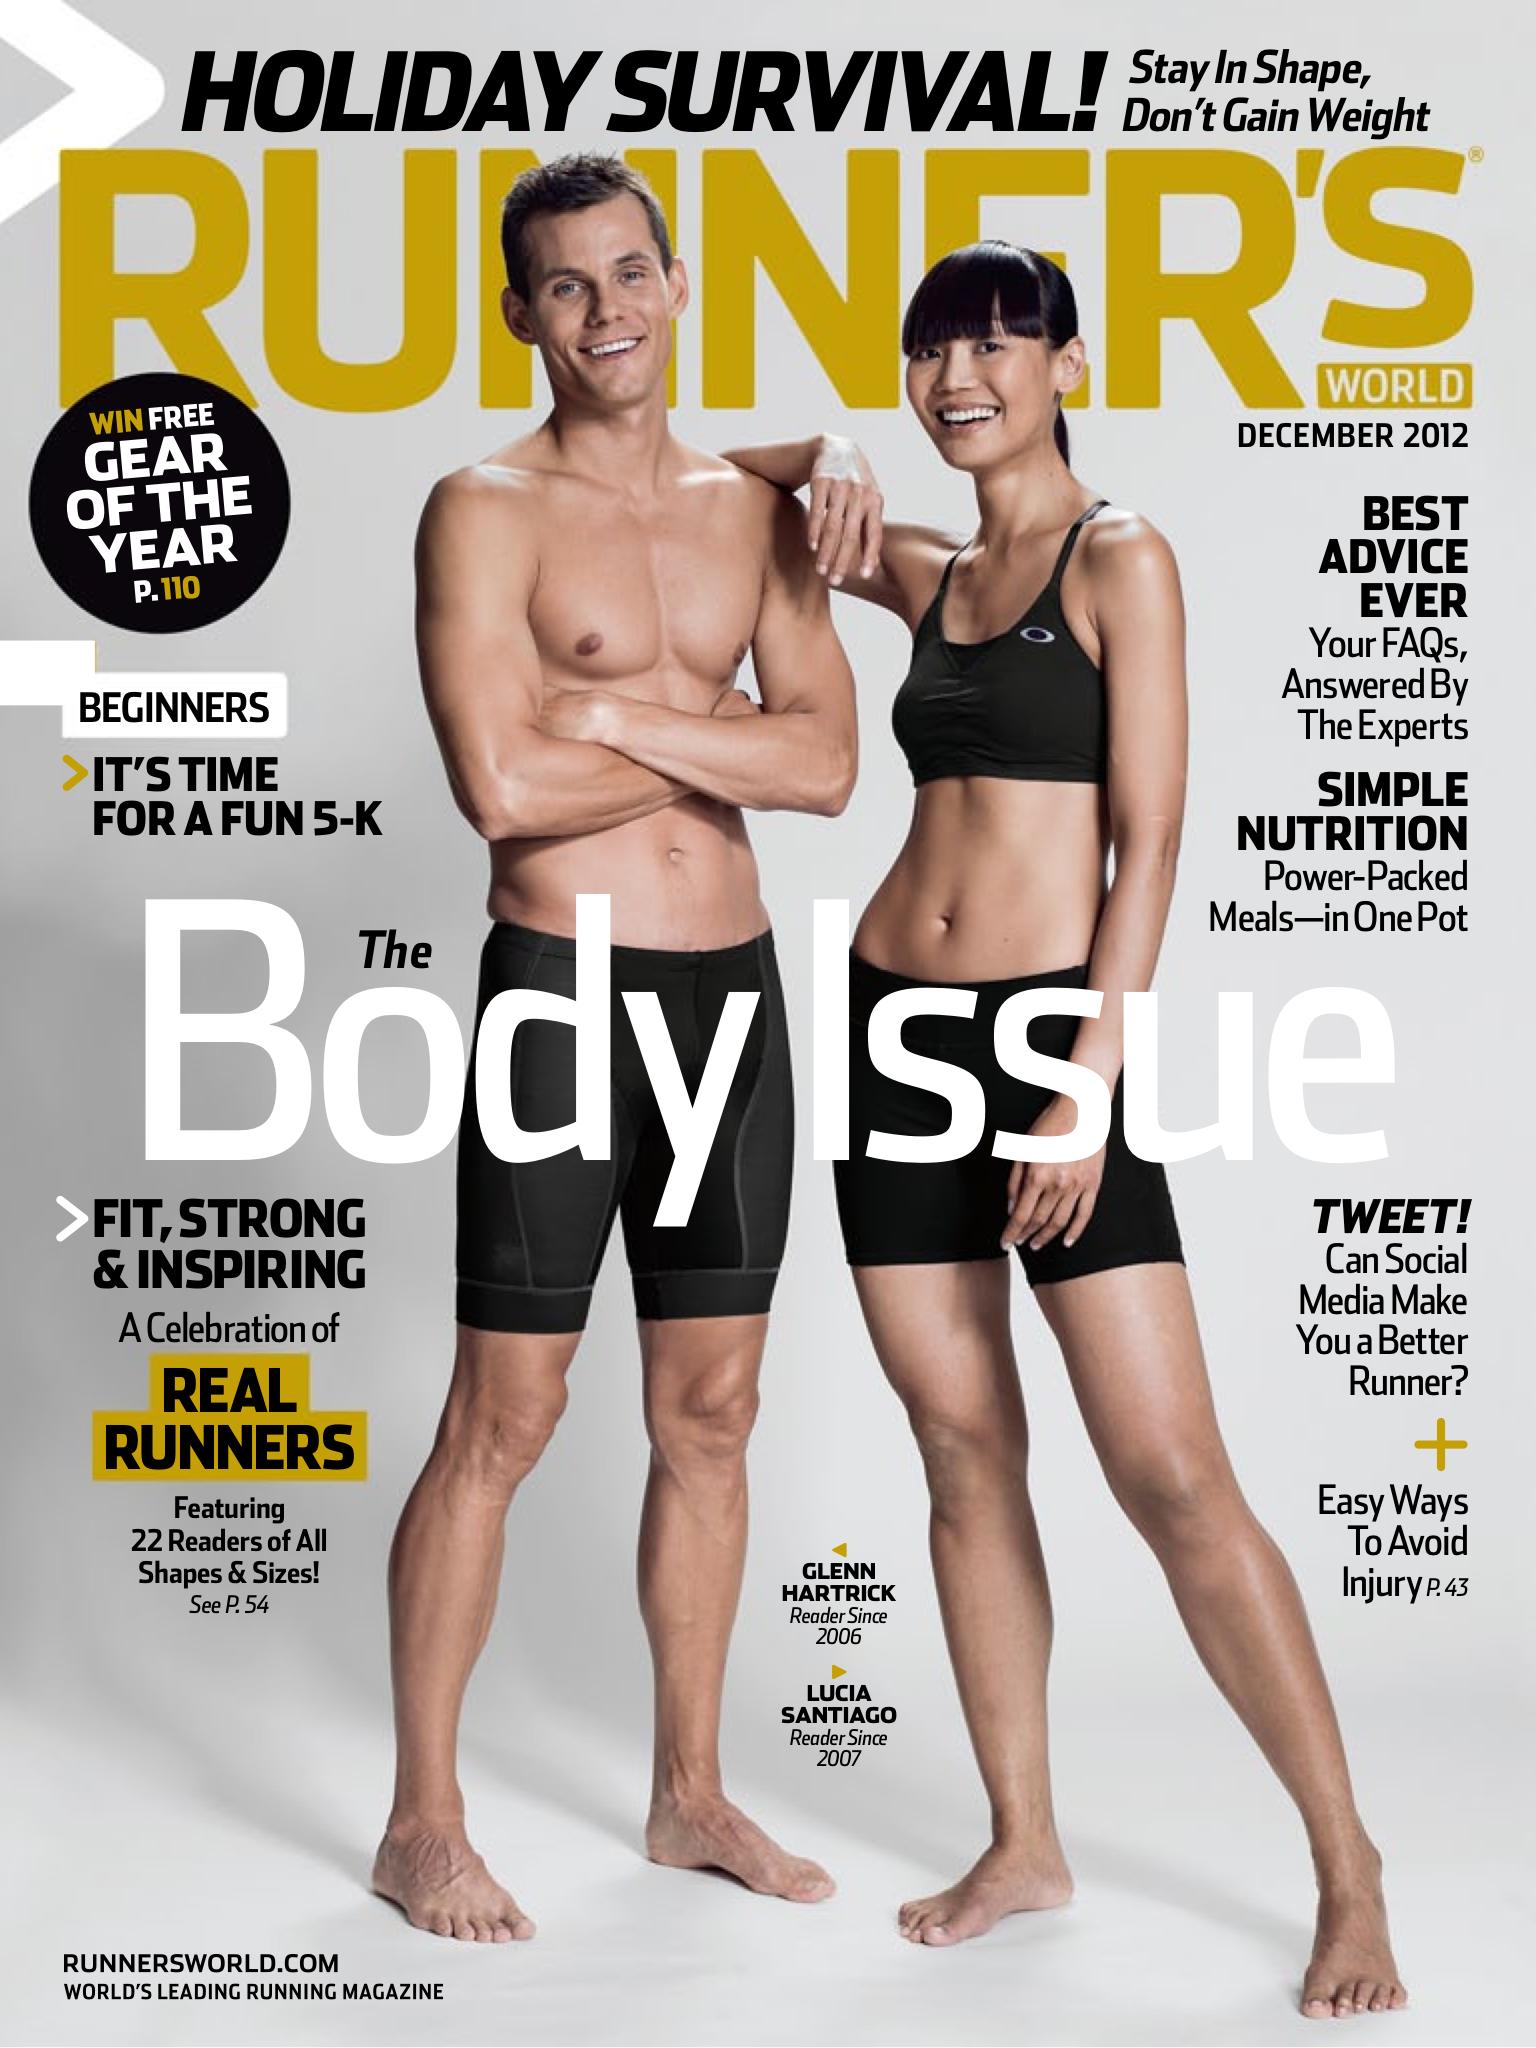 RUNNER'S WORLD | Publication